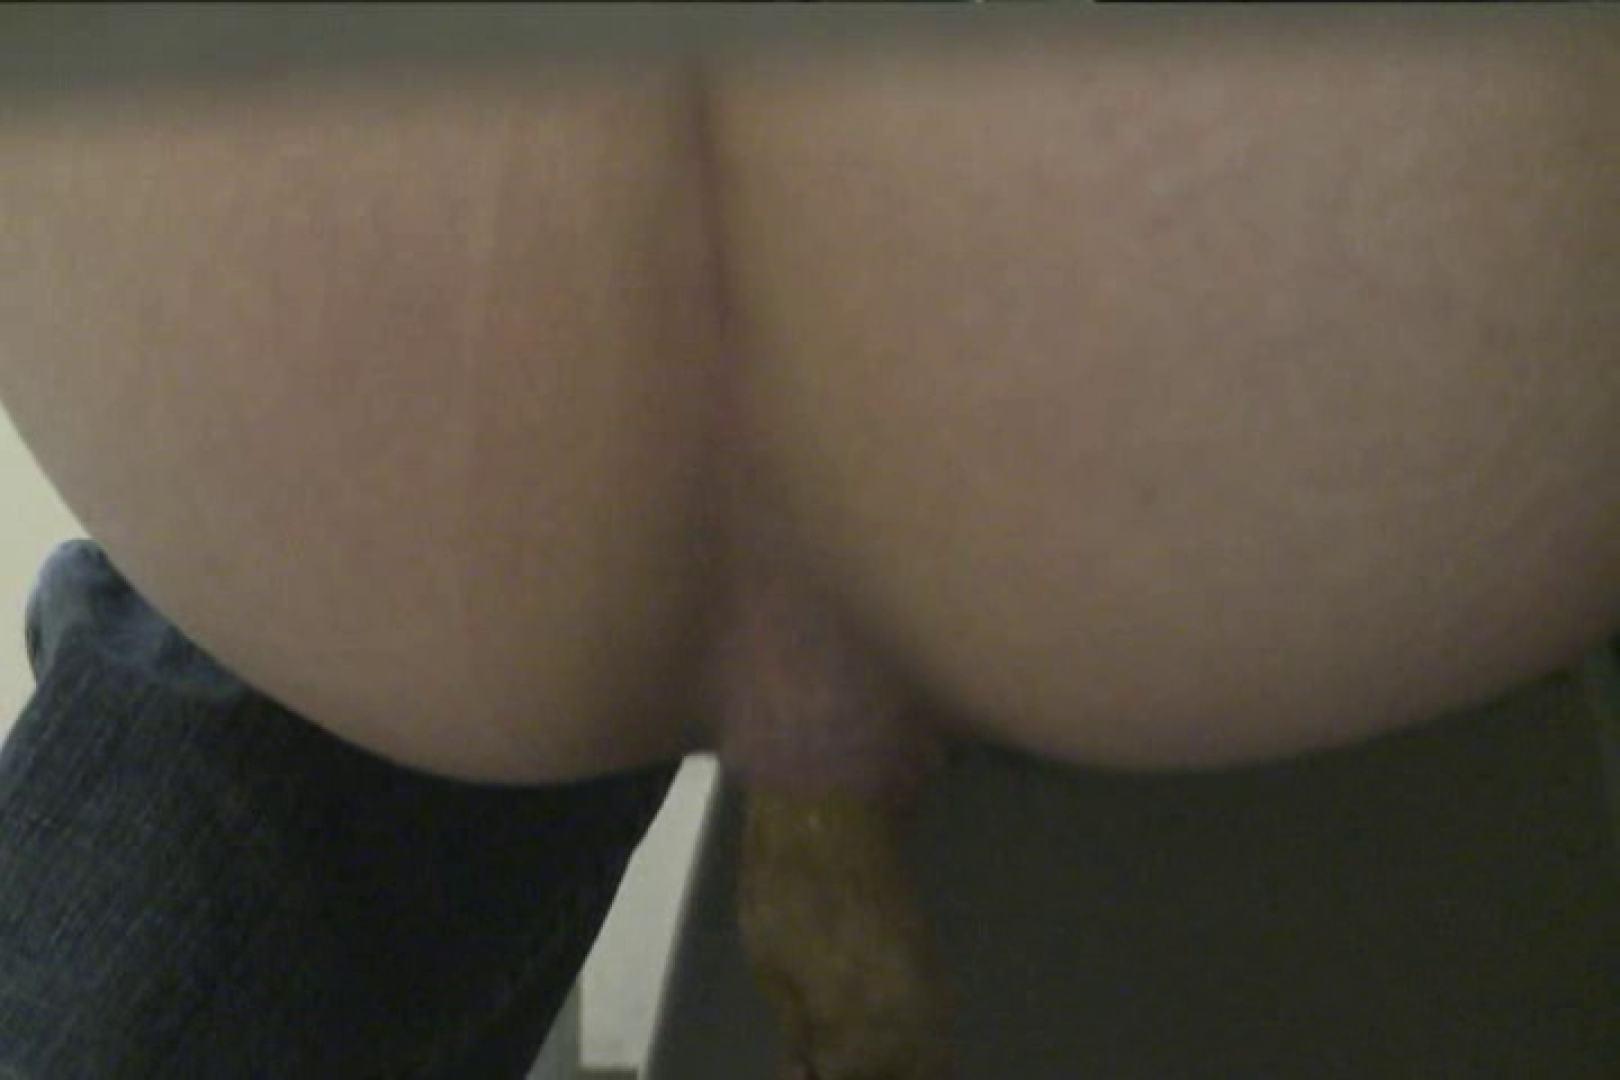 マンコ丸見え女子洗面所Vol.19 無修正マンコ アダルト動画キャプチャ 85連発 58